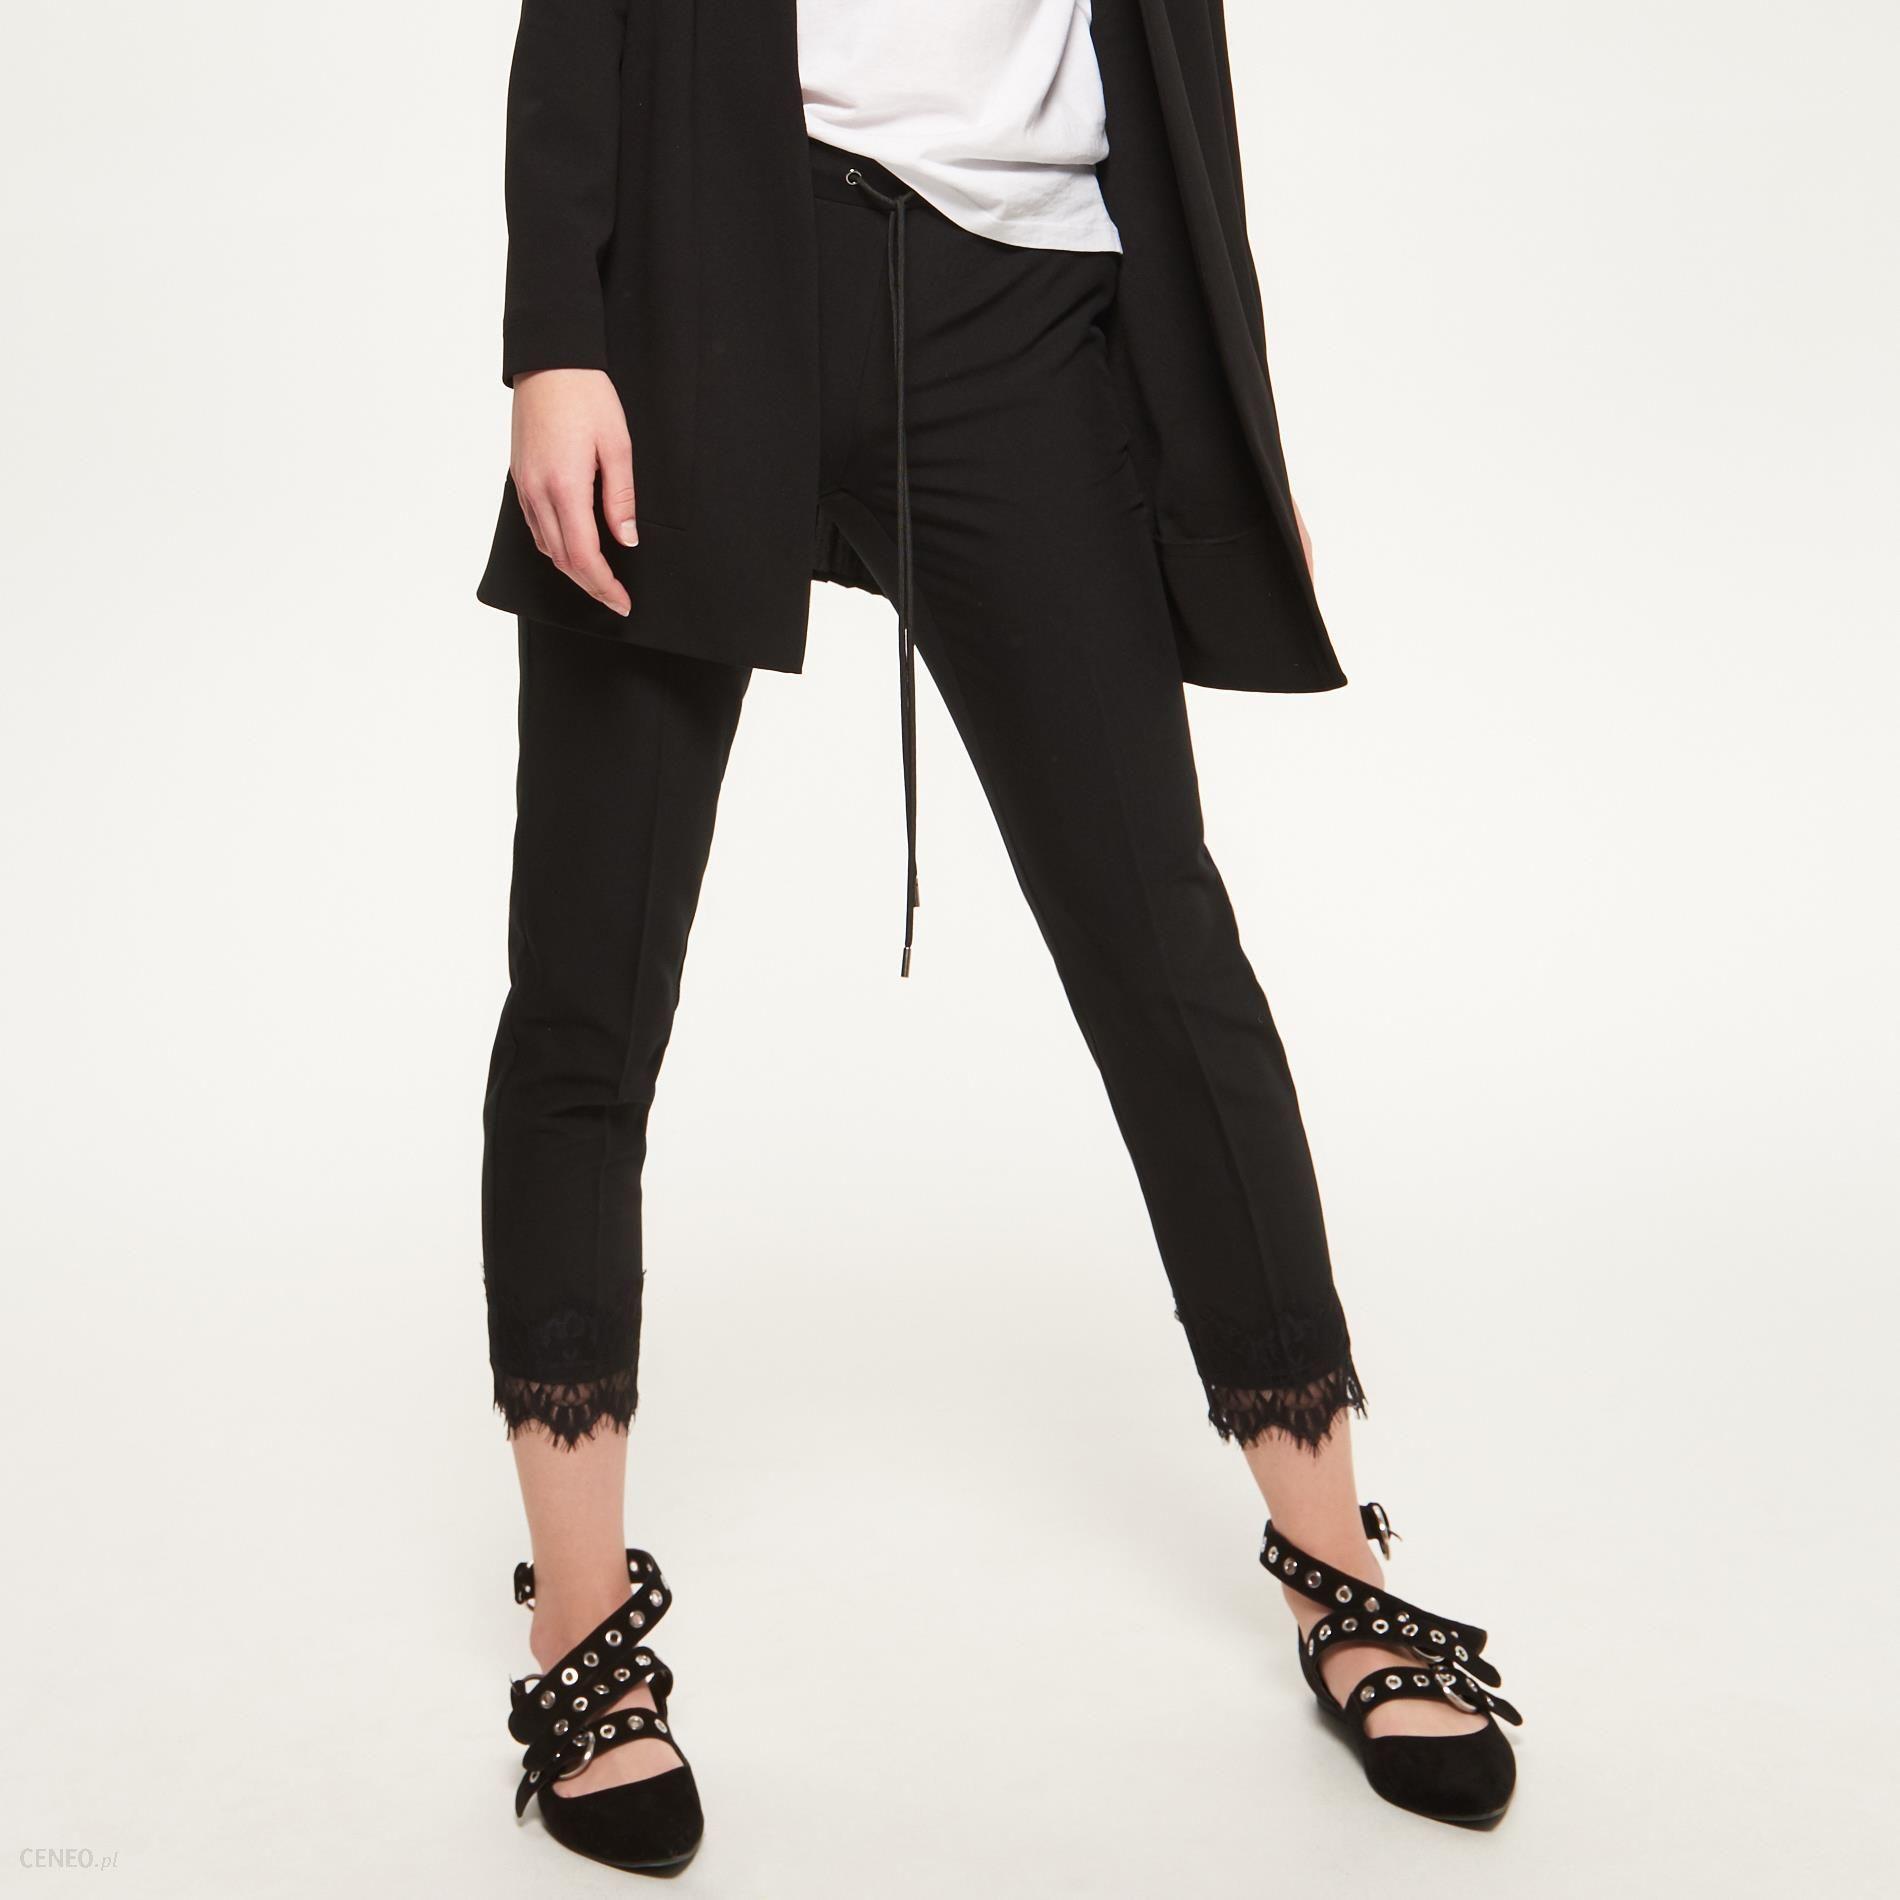 Reserved Spodnie z nogawkami wykończonymi koronką Czarny damski